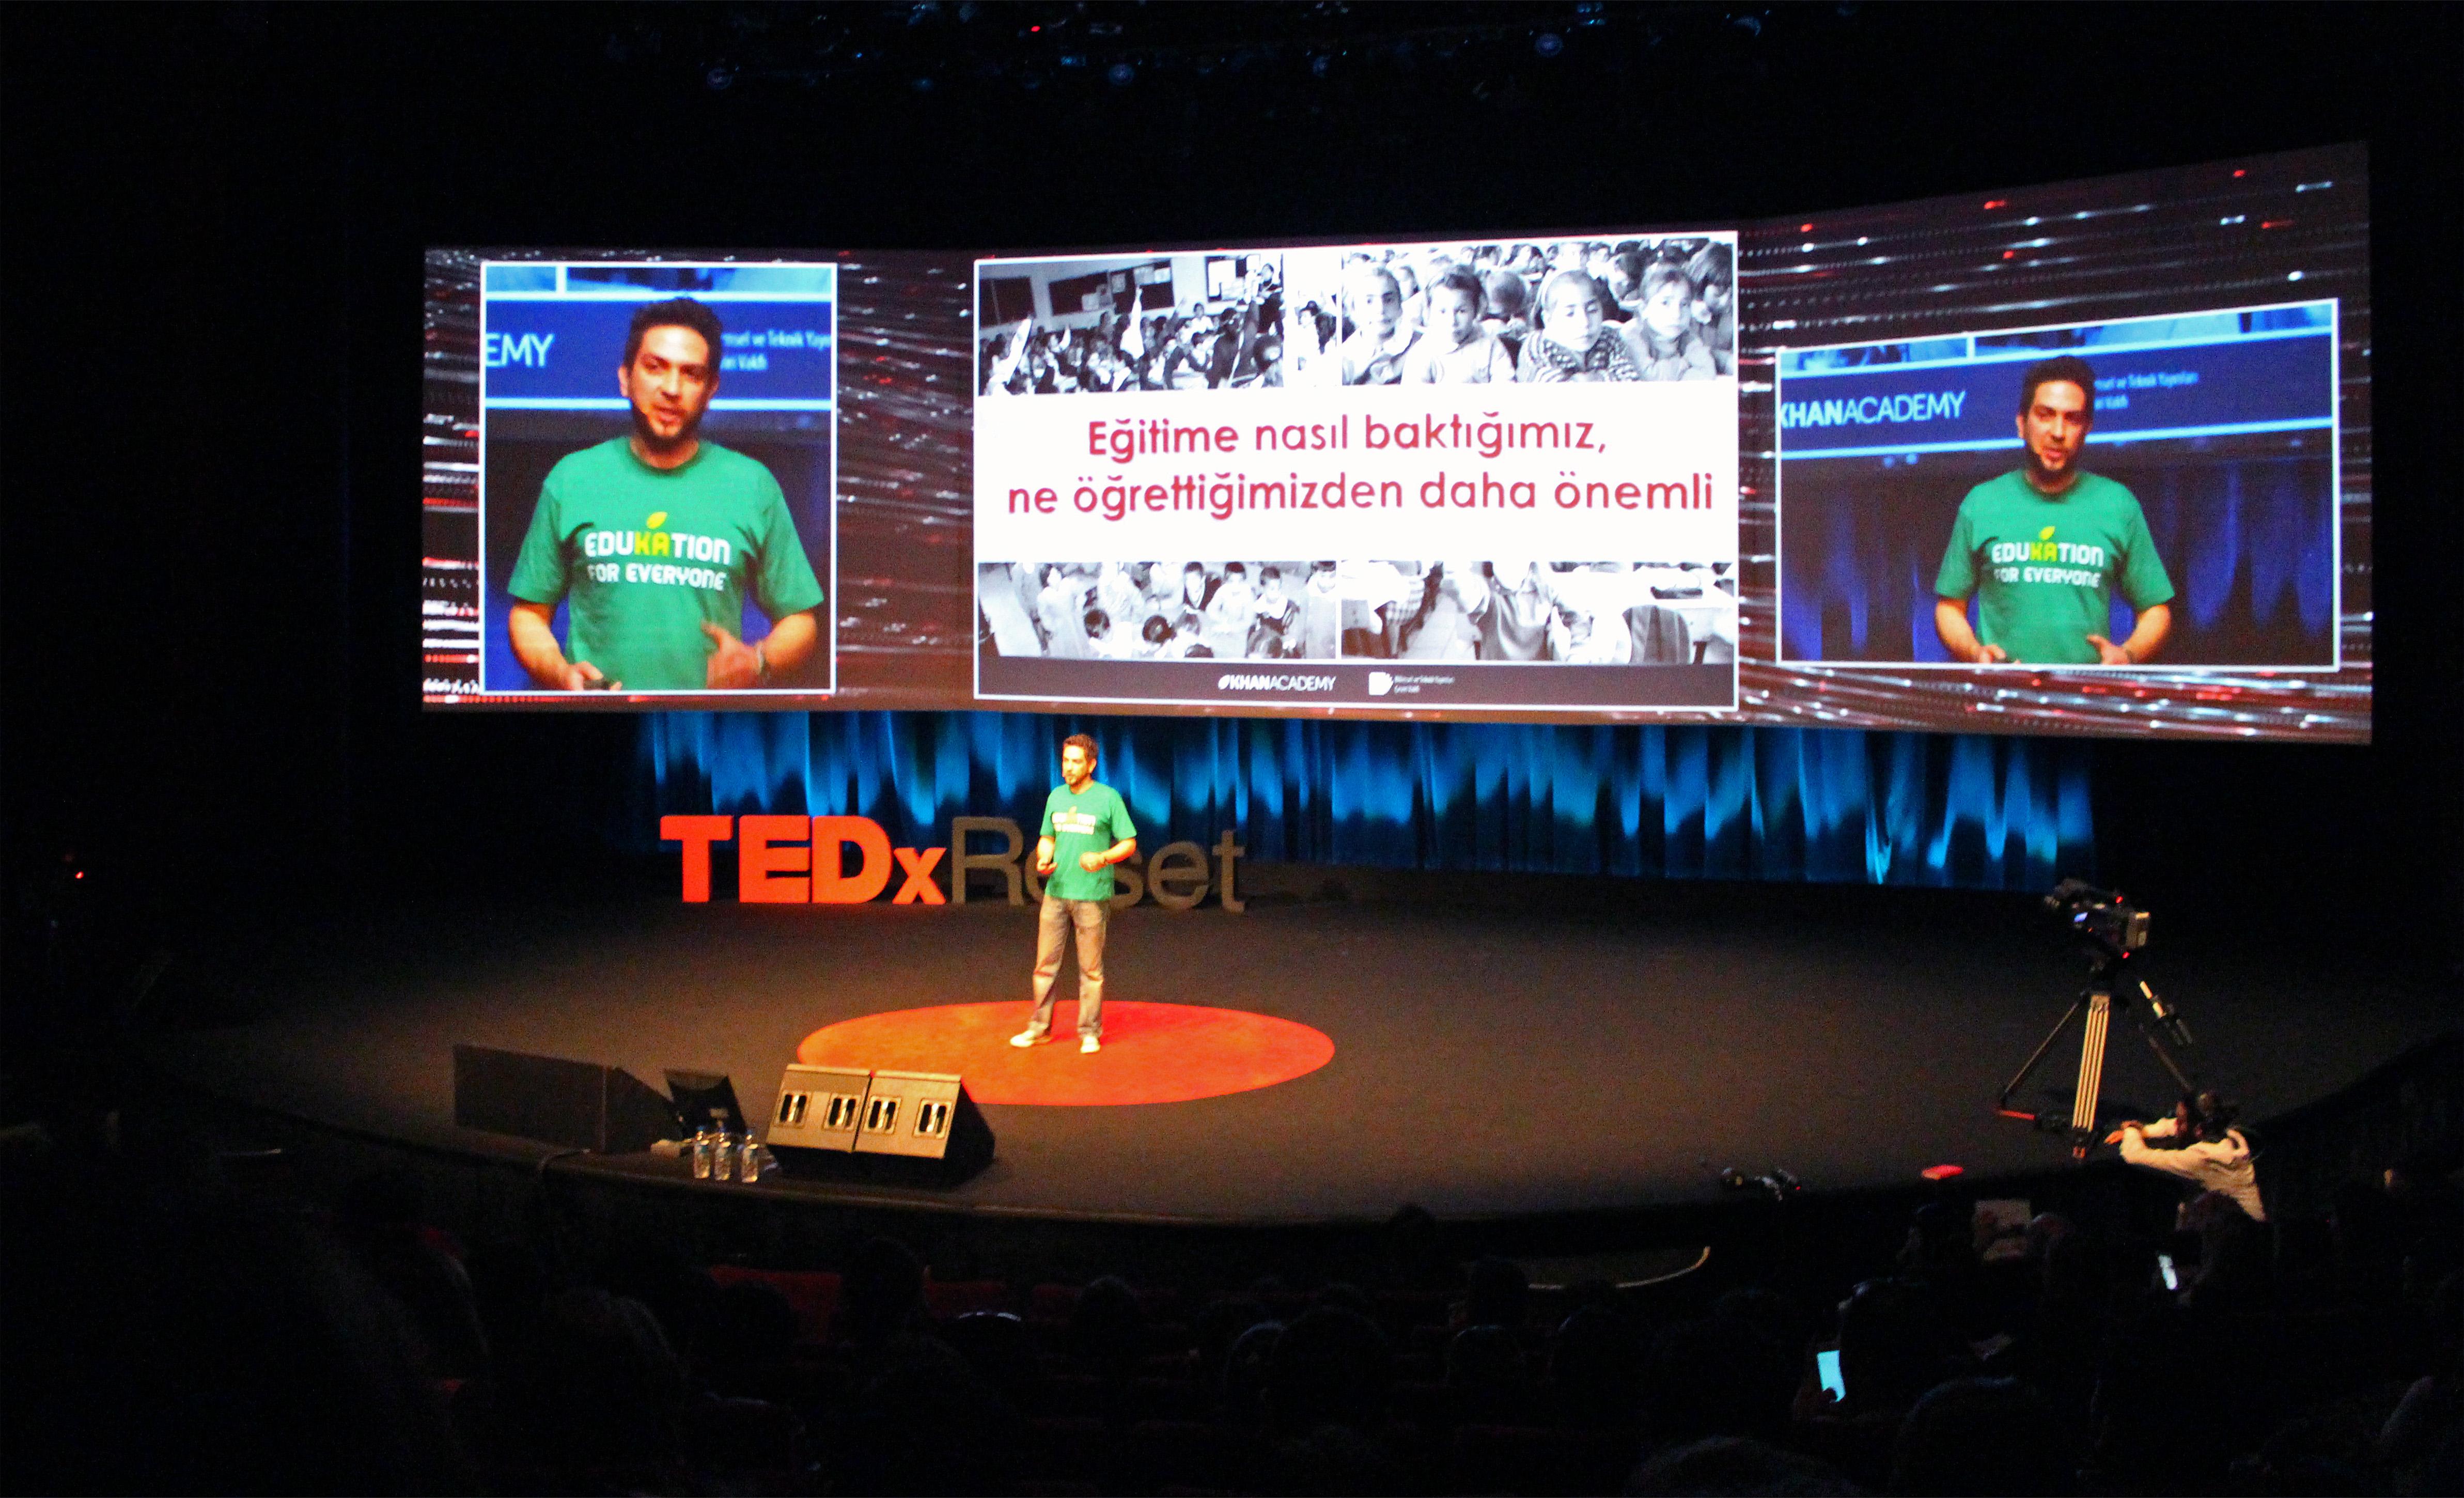 Alp Köksal - TED Speaker